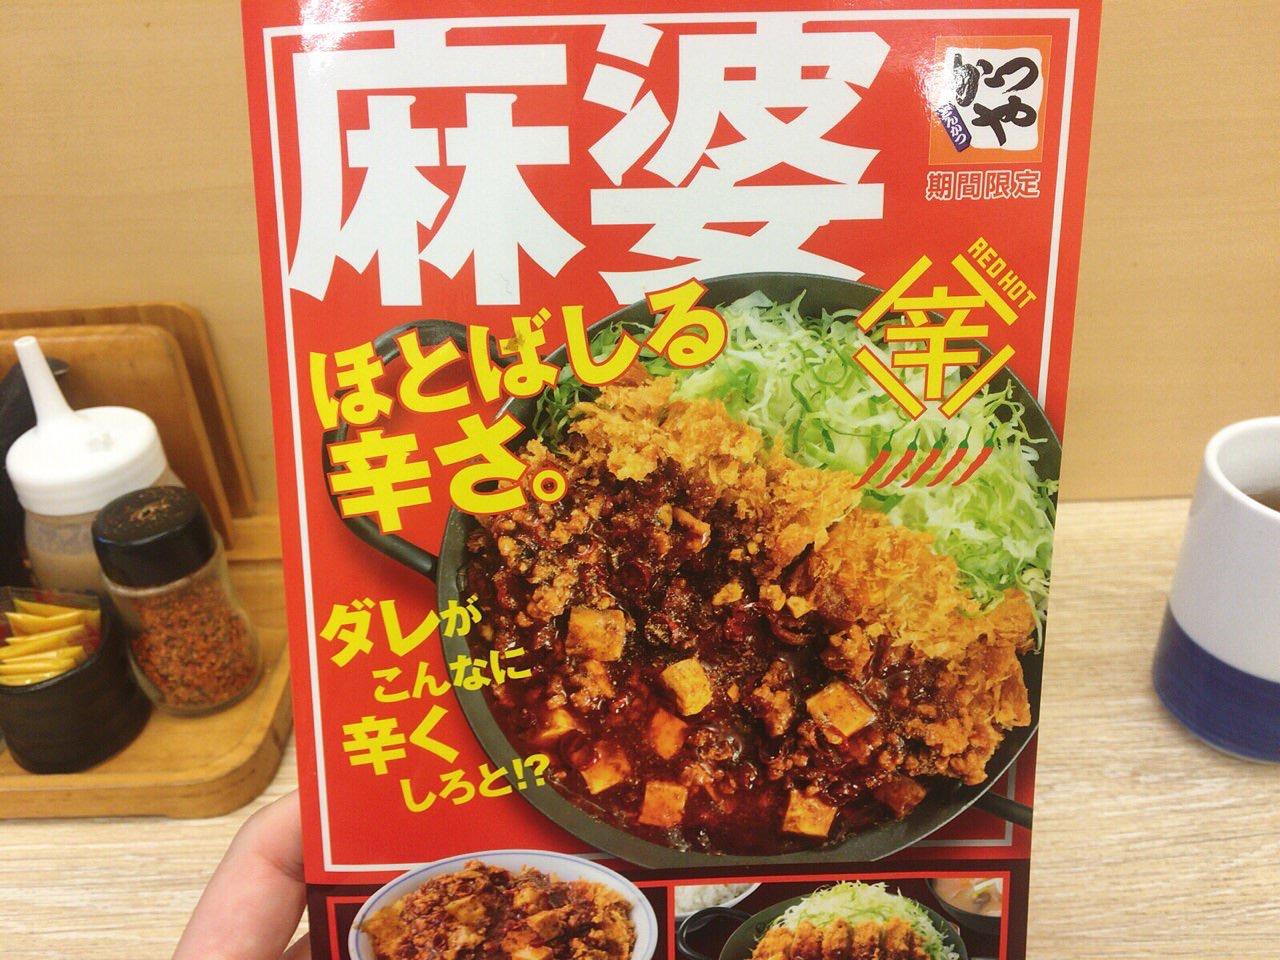 「麻婆チキンカツ定食・麻婆チキンカツ丼」01